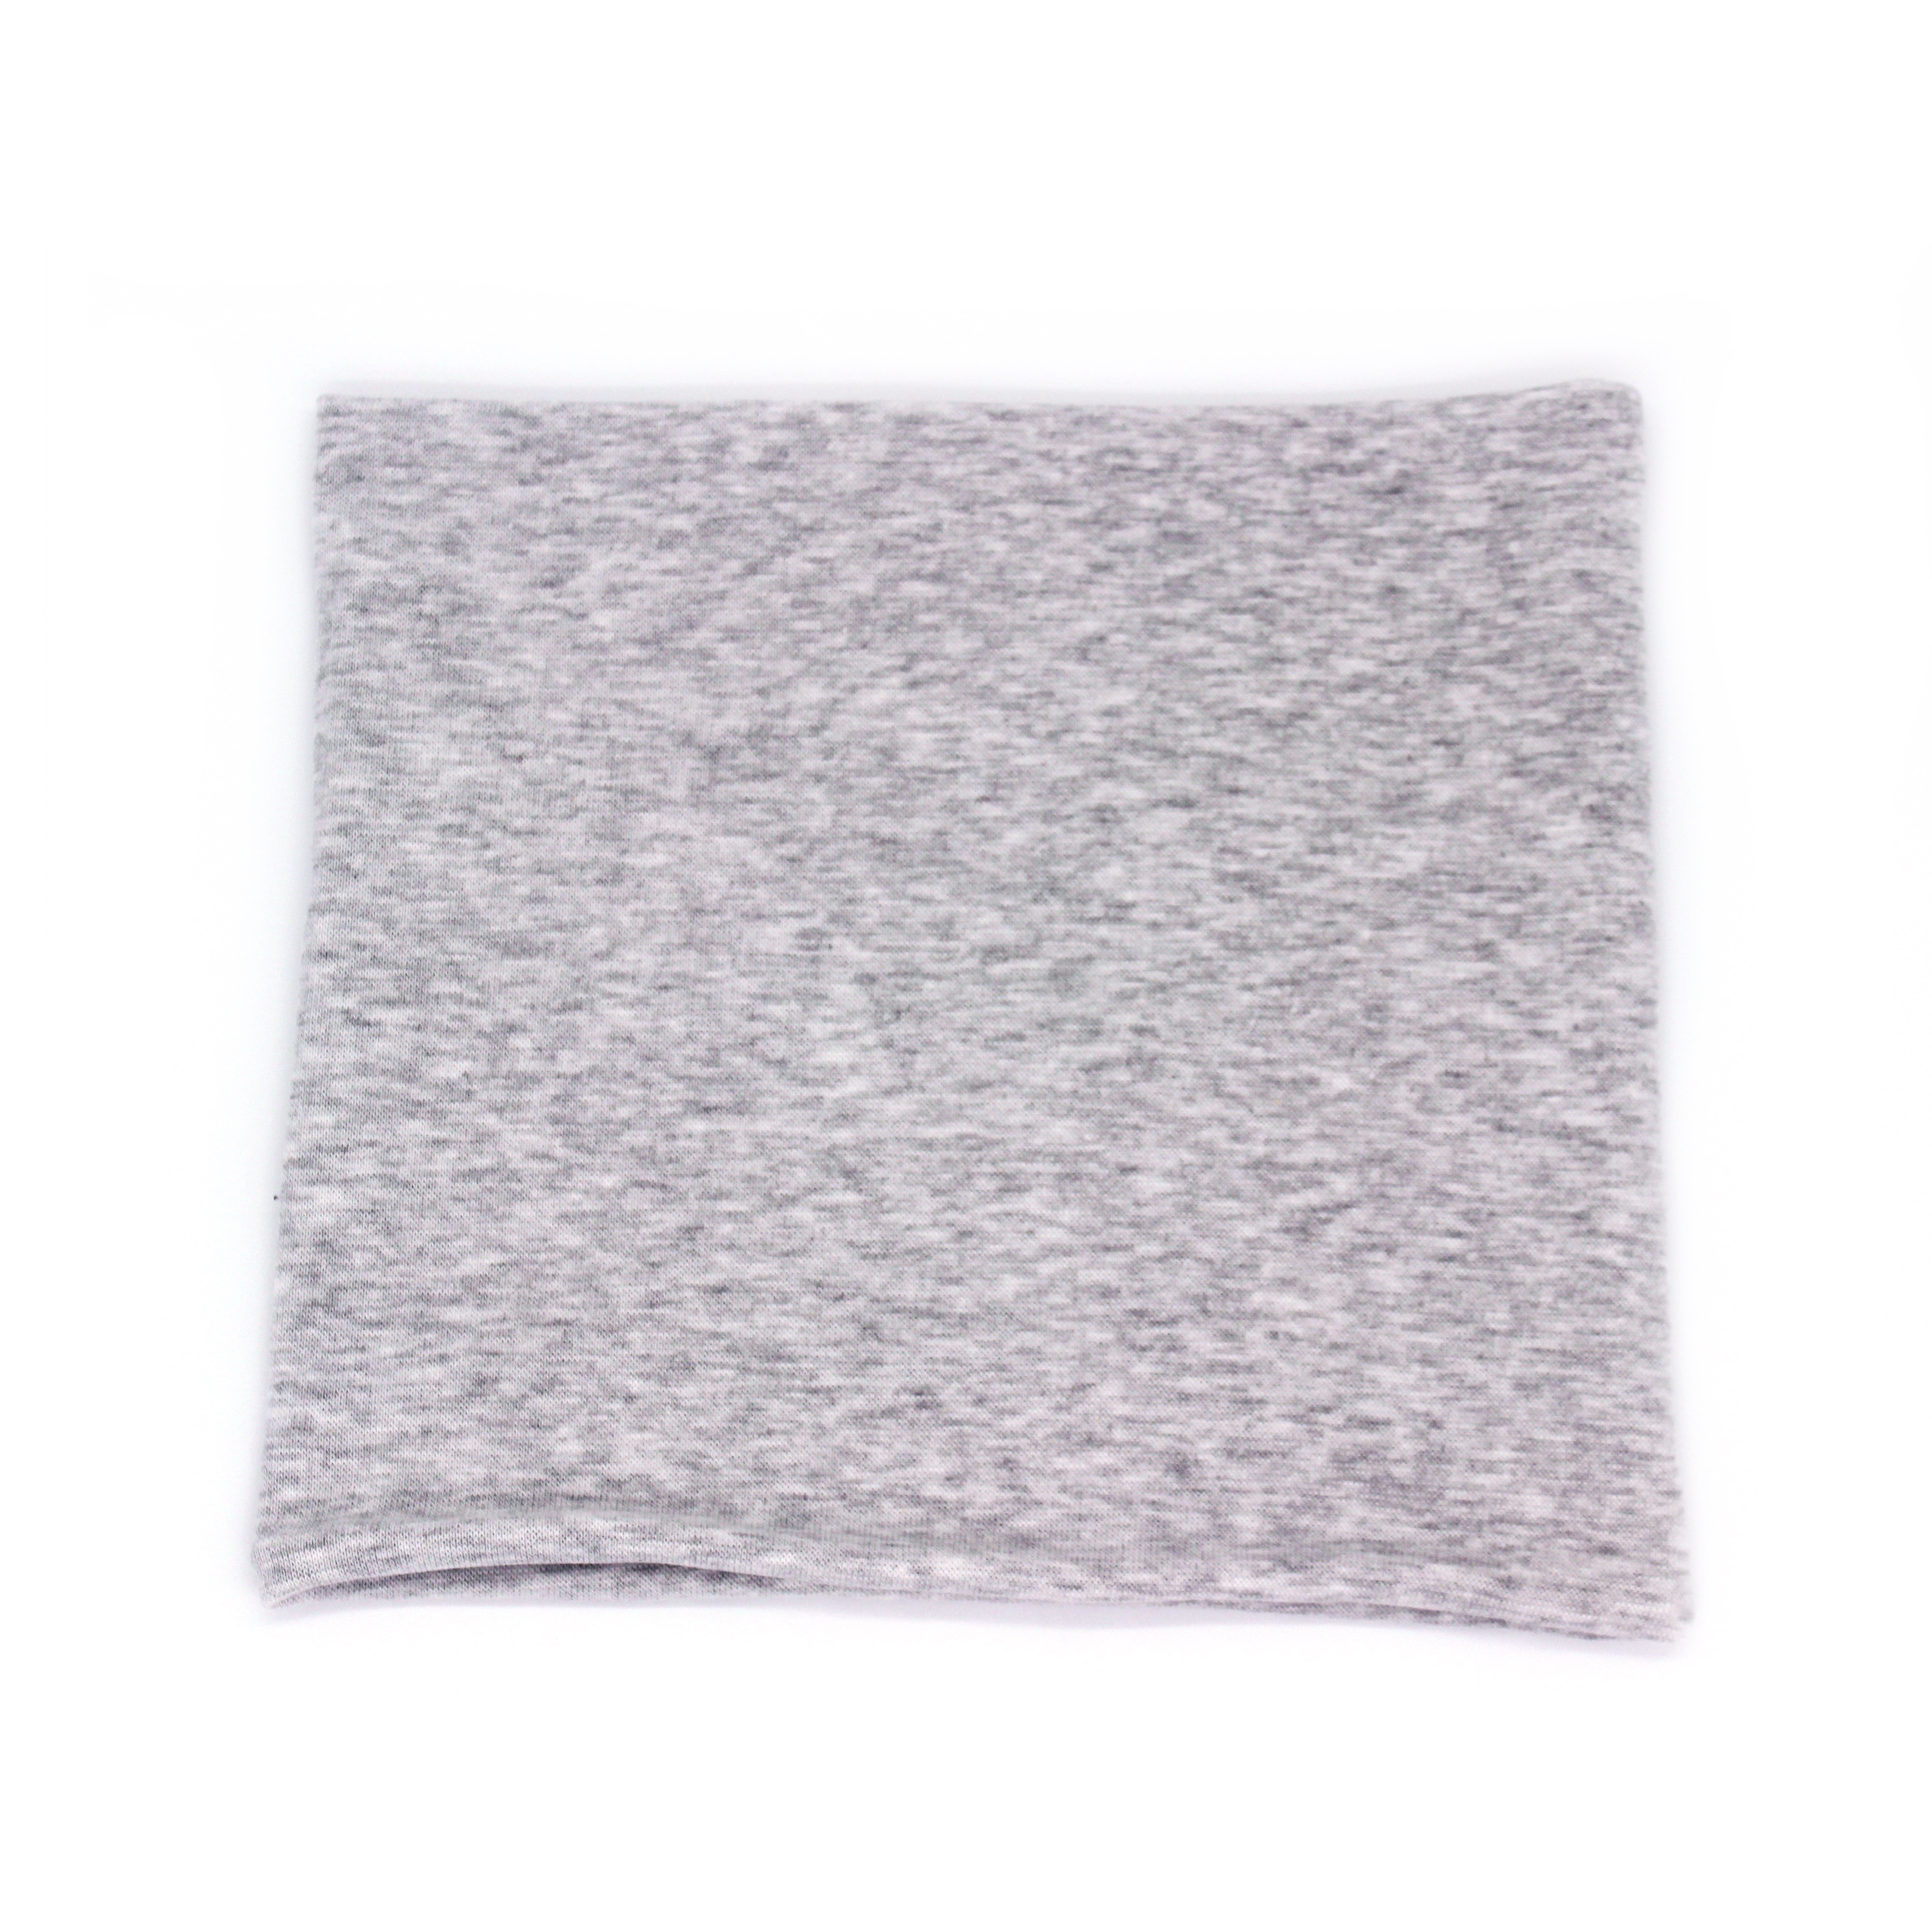 Шарф Nais, цвет: серый р.50-52 ДС.Снуд (серый св. меланж)